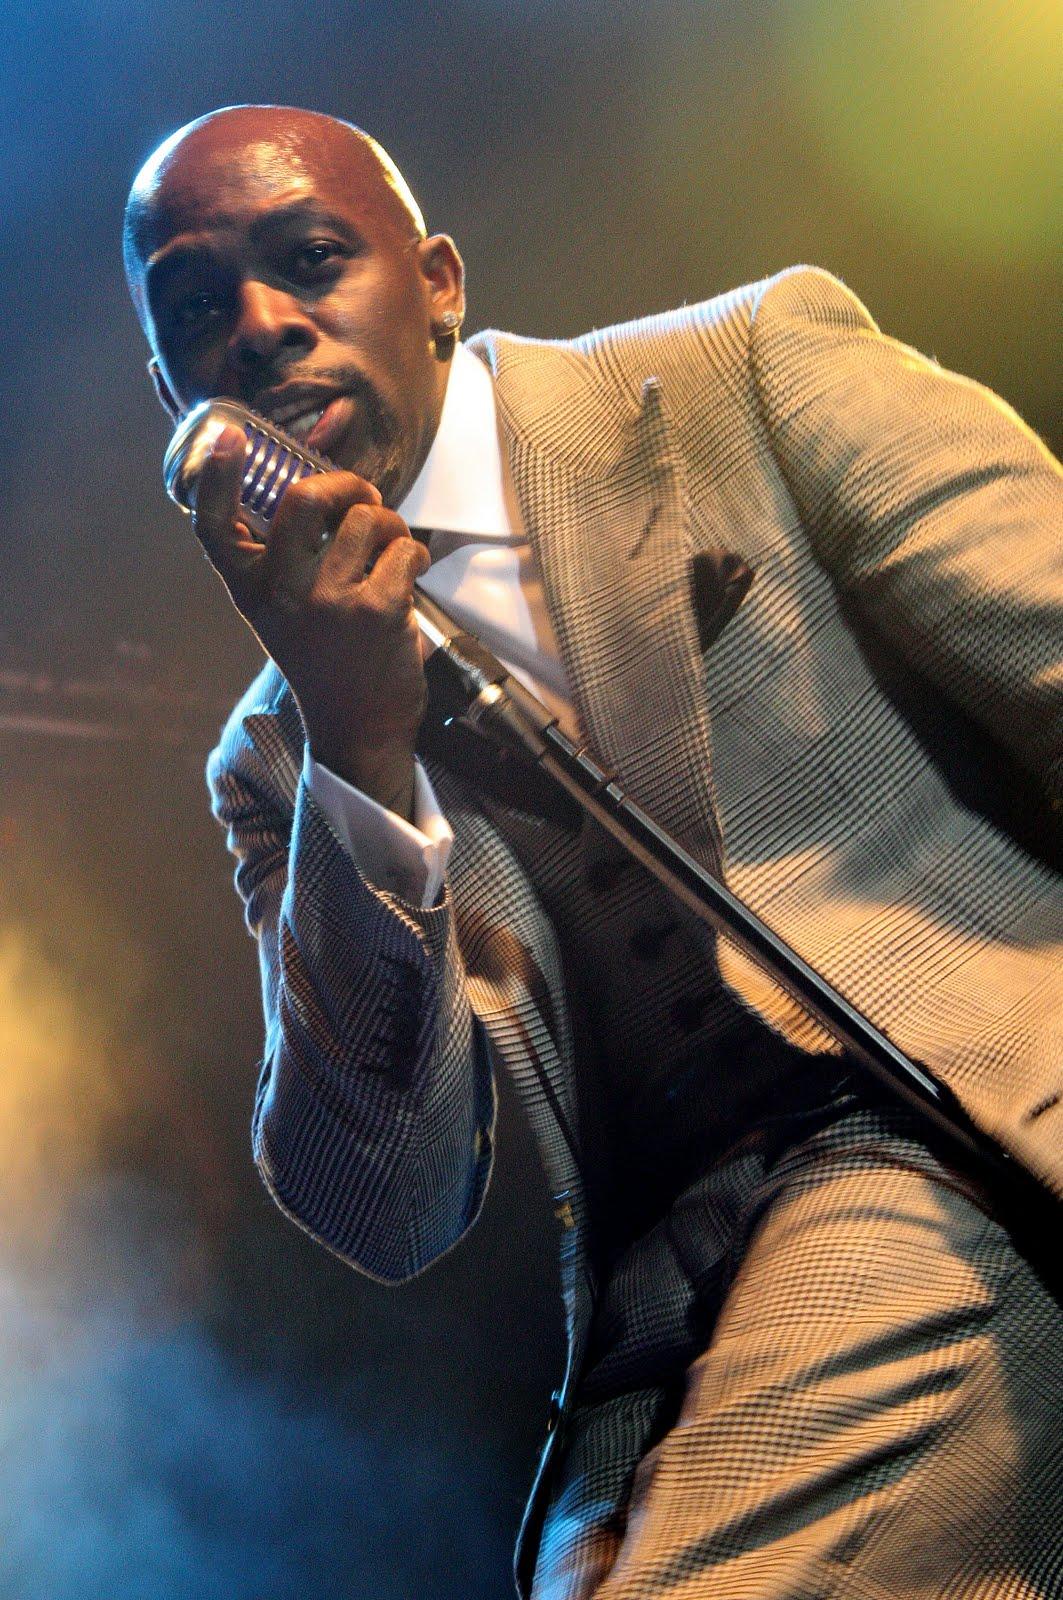 http://1.bp.blogspot.com/-gXslB71-czs/TeUdewTV3dI/AAAAAAAABvc/u1PM9skwDNI/s1600/joe+thomas+live+on+stage+suit.jpg